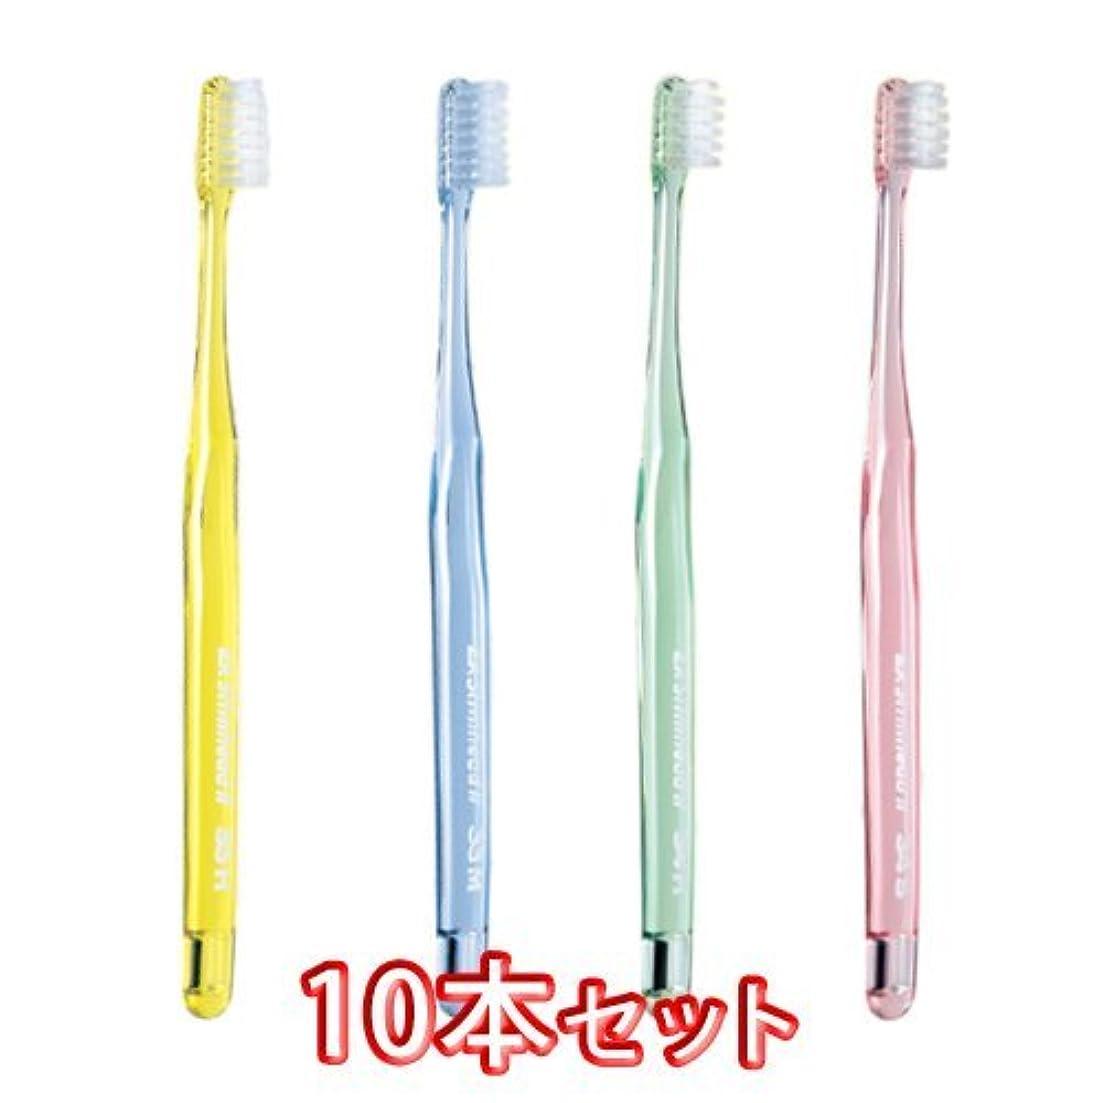 不一致ノート原点ライオン スリムヘッド2 歯ブラシ 10本セット (33M)